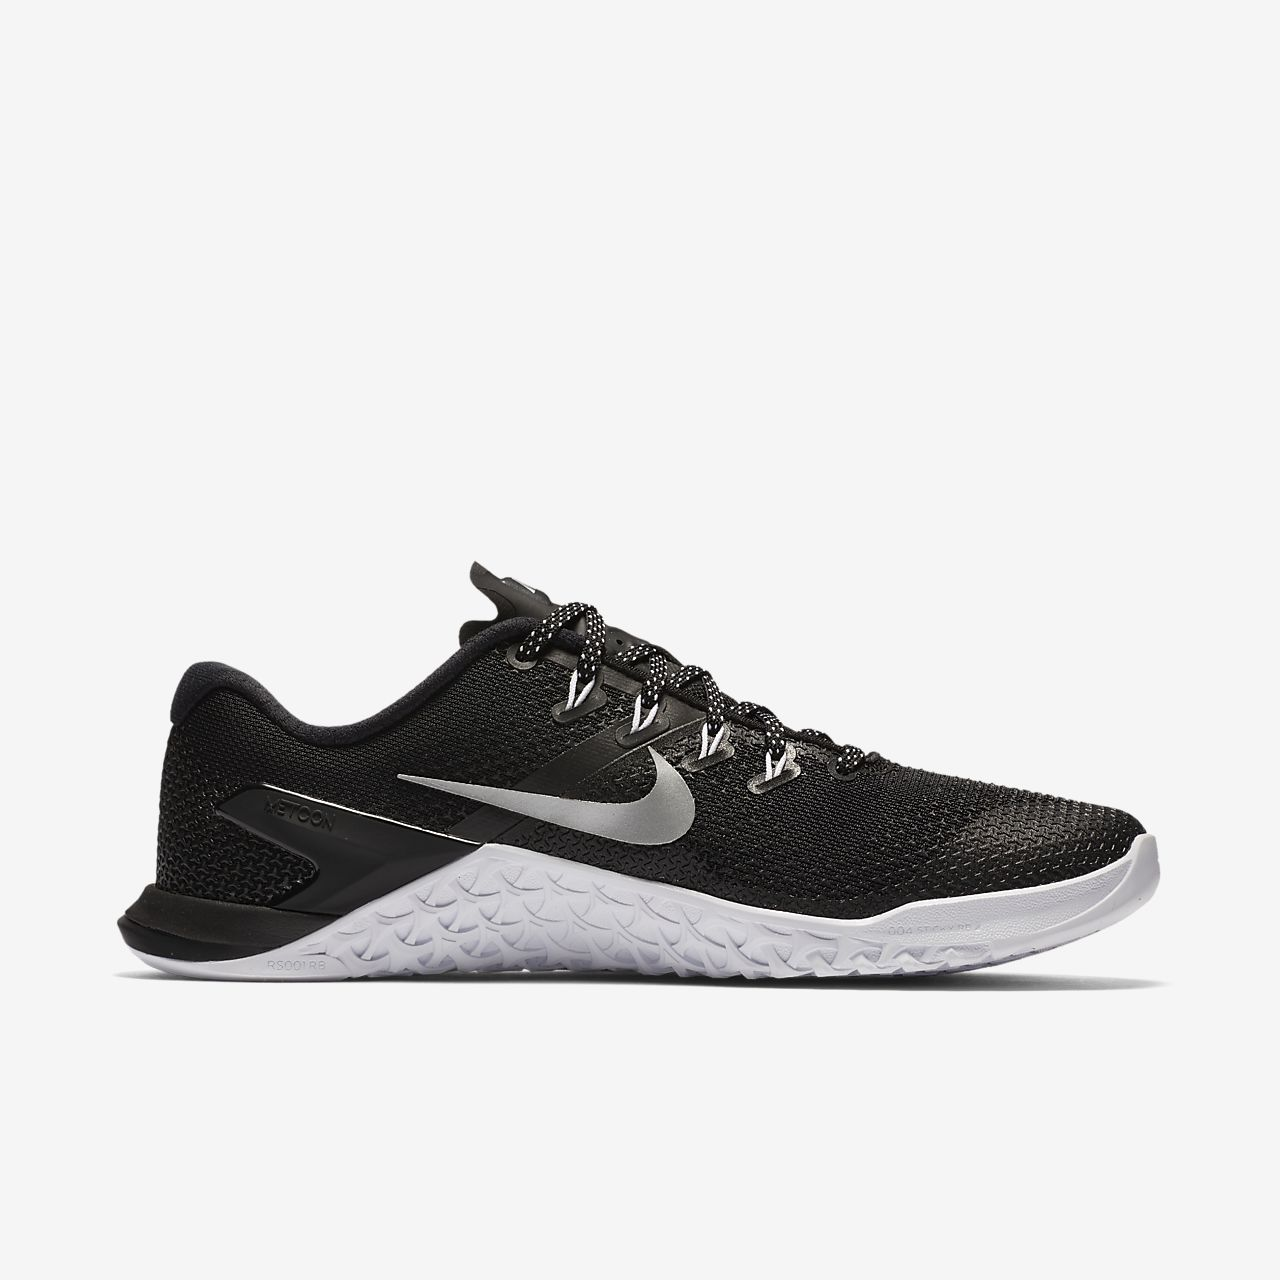 8e957d9d69b Sapatilhas de cross-training e halterofilismo Nike Metcon 4 para ...